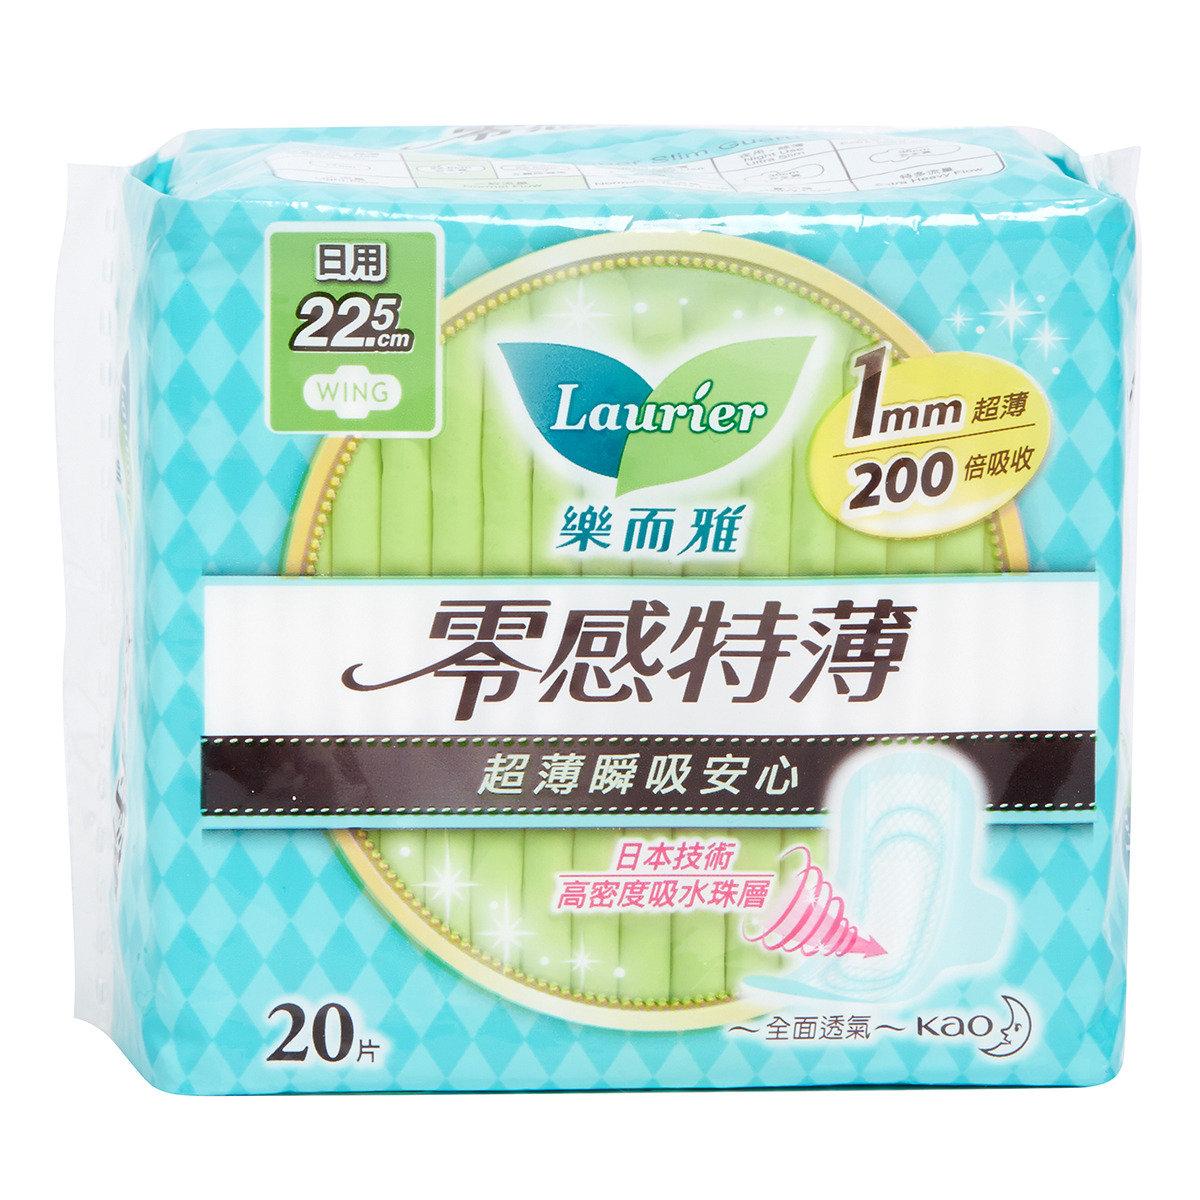 零感特薄絲薄日用安全翼衛生巾 22.5cm 20片裝